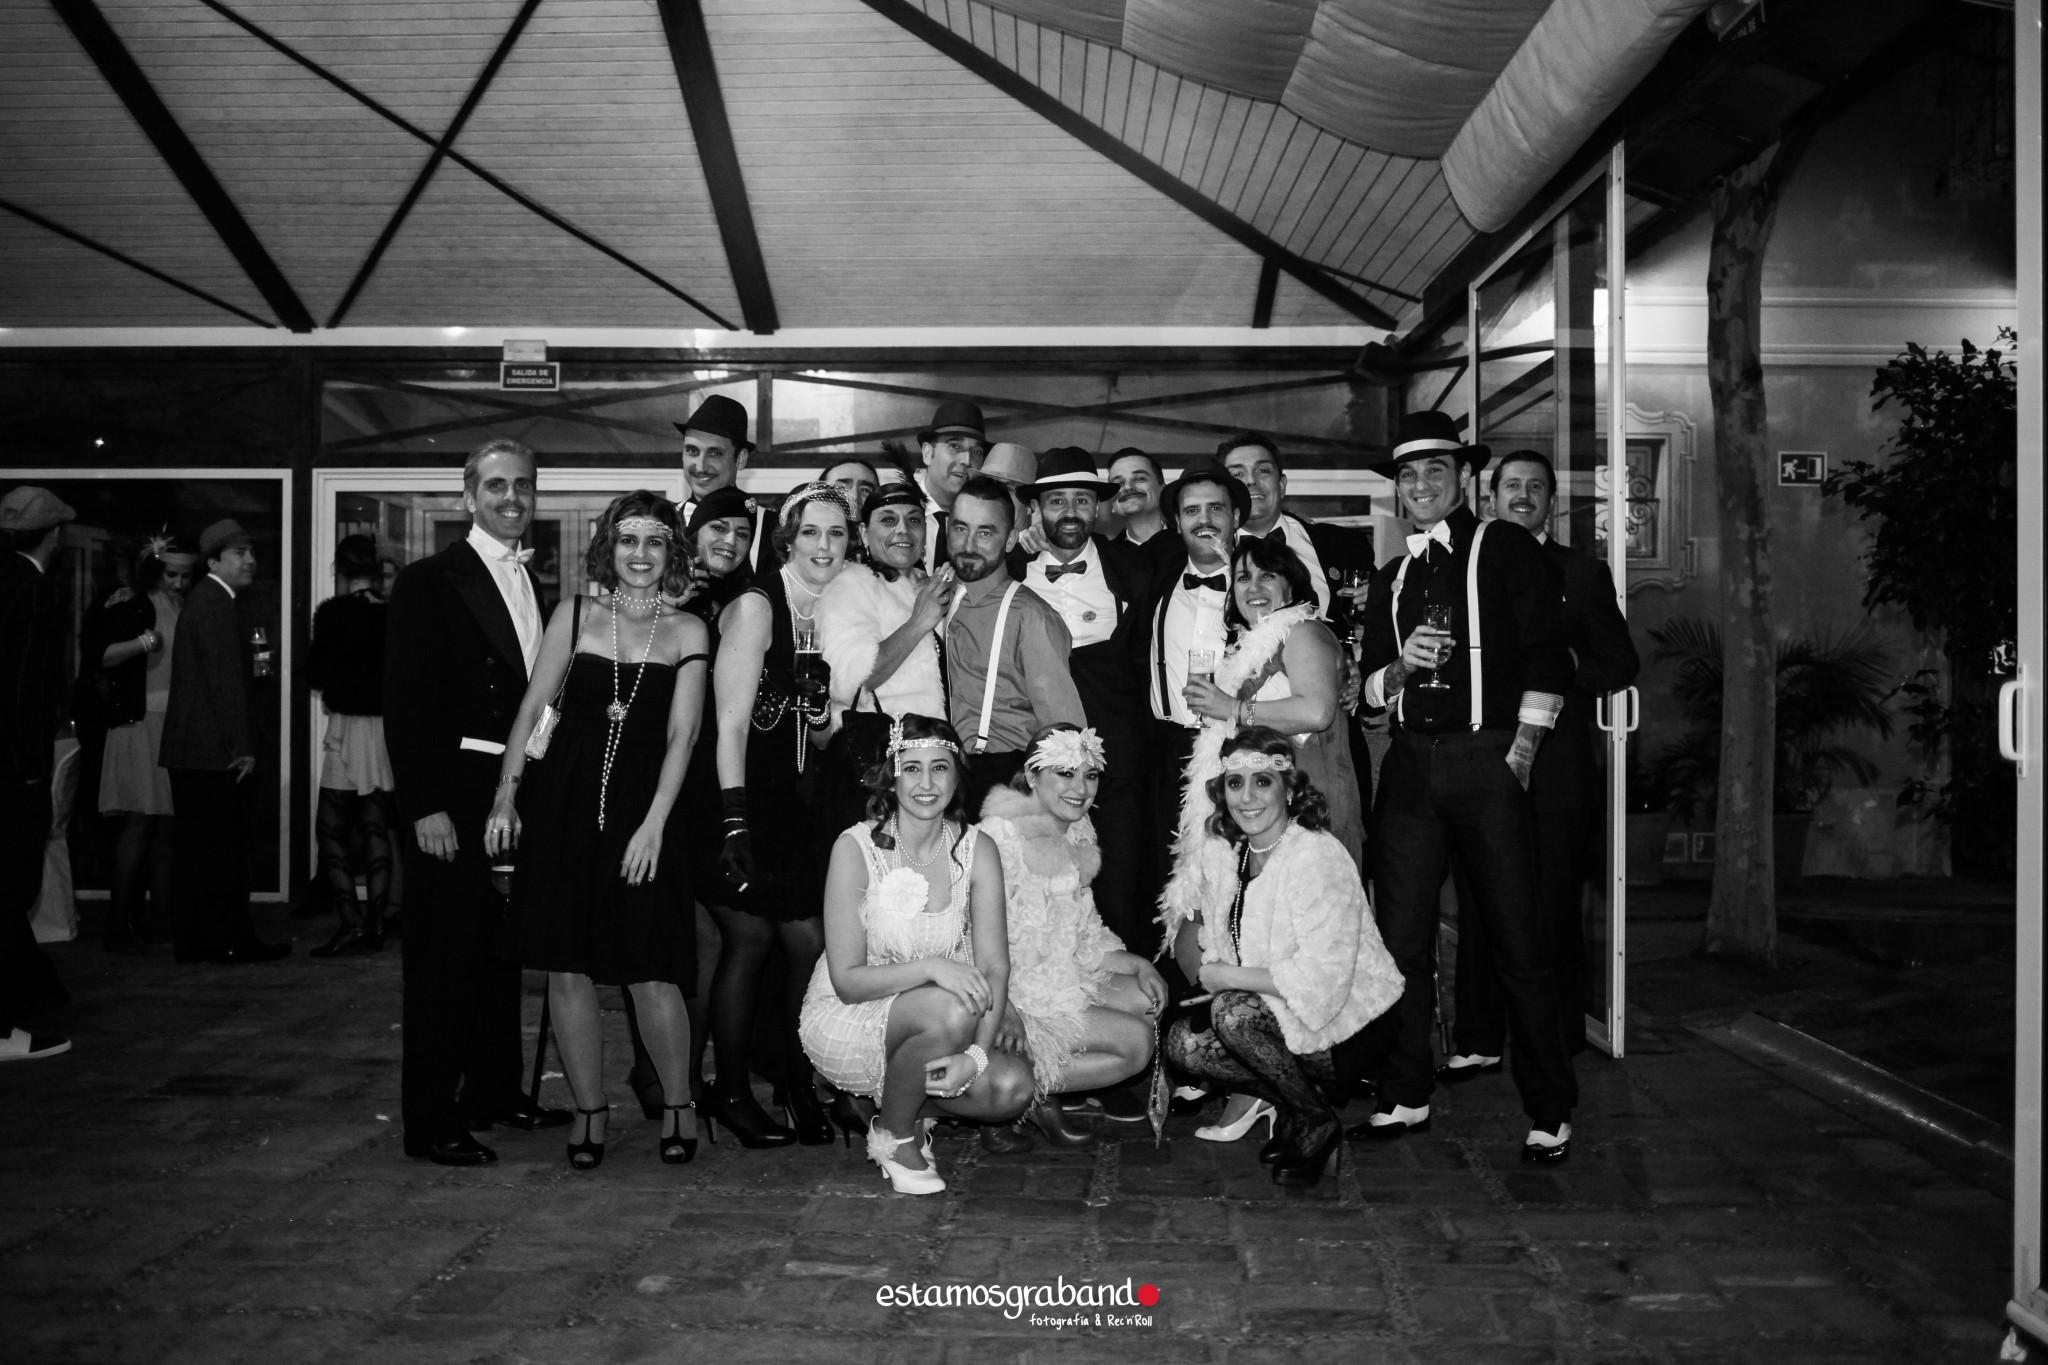 Años-20-BBTP-78-de-109 Los locos Años 20 [Fotografía en La Teta de Julieta, Cádiz] - video boda cadiz